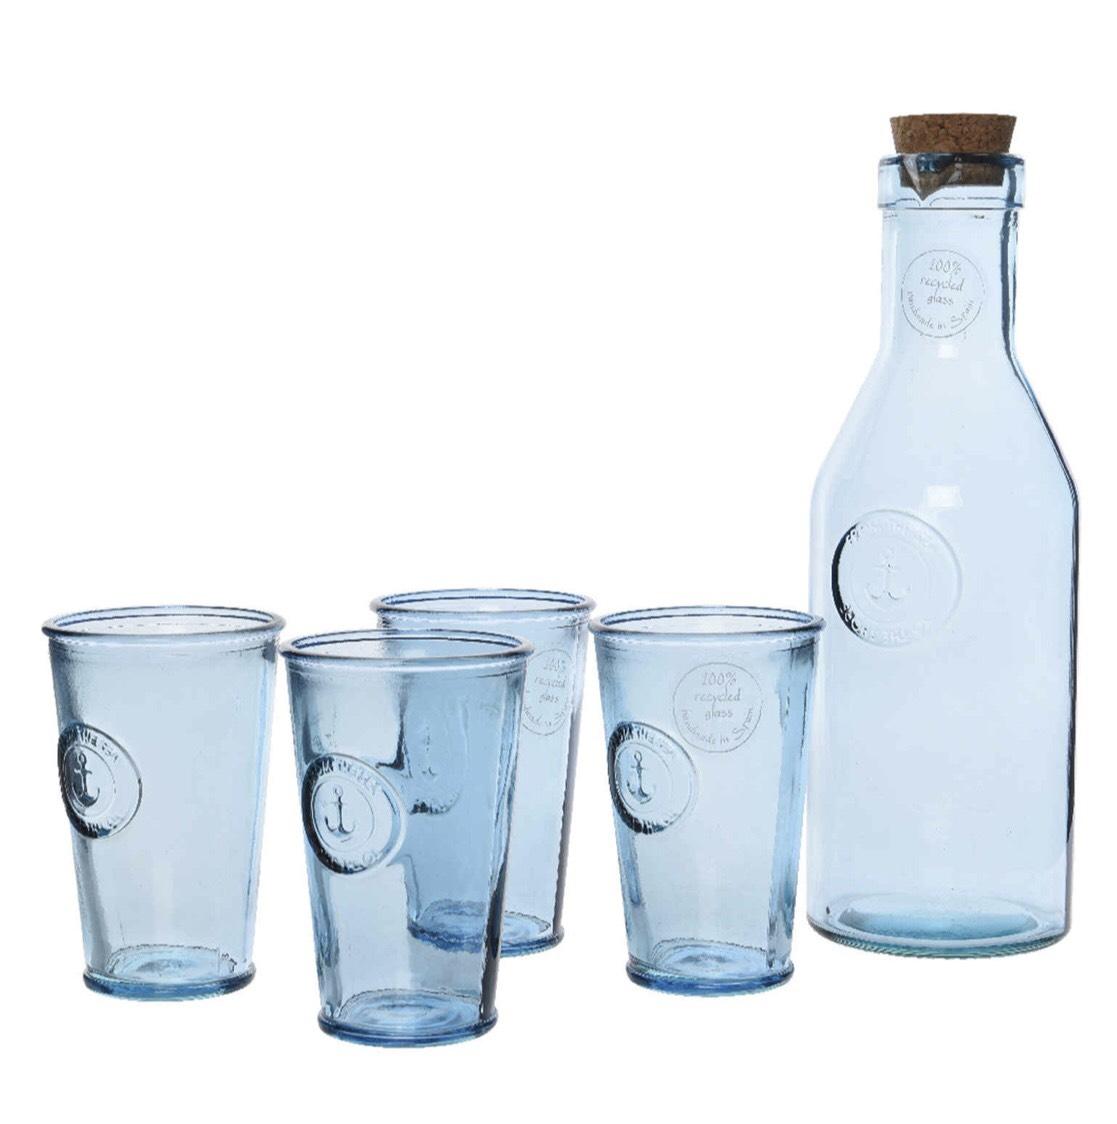 4-delige glazenset met karaf -70% korting @ Hudson's Bay